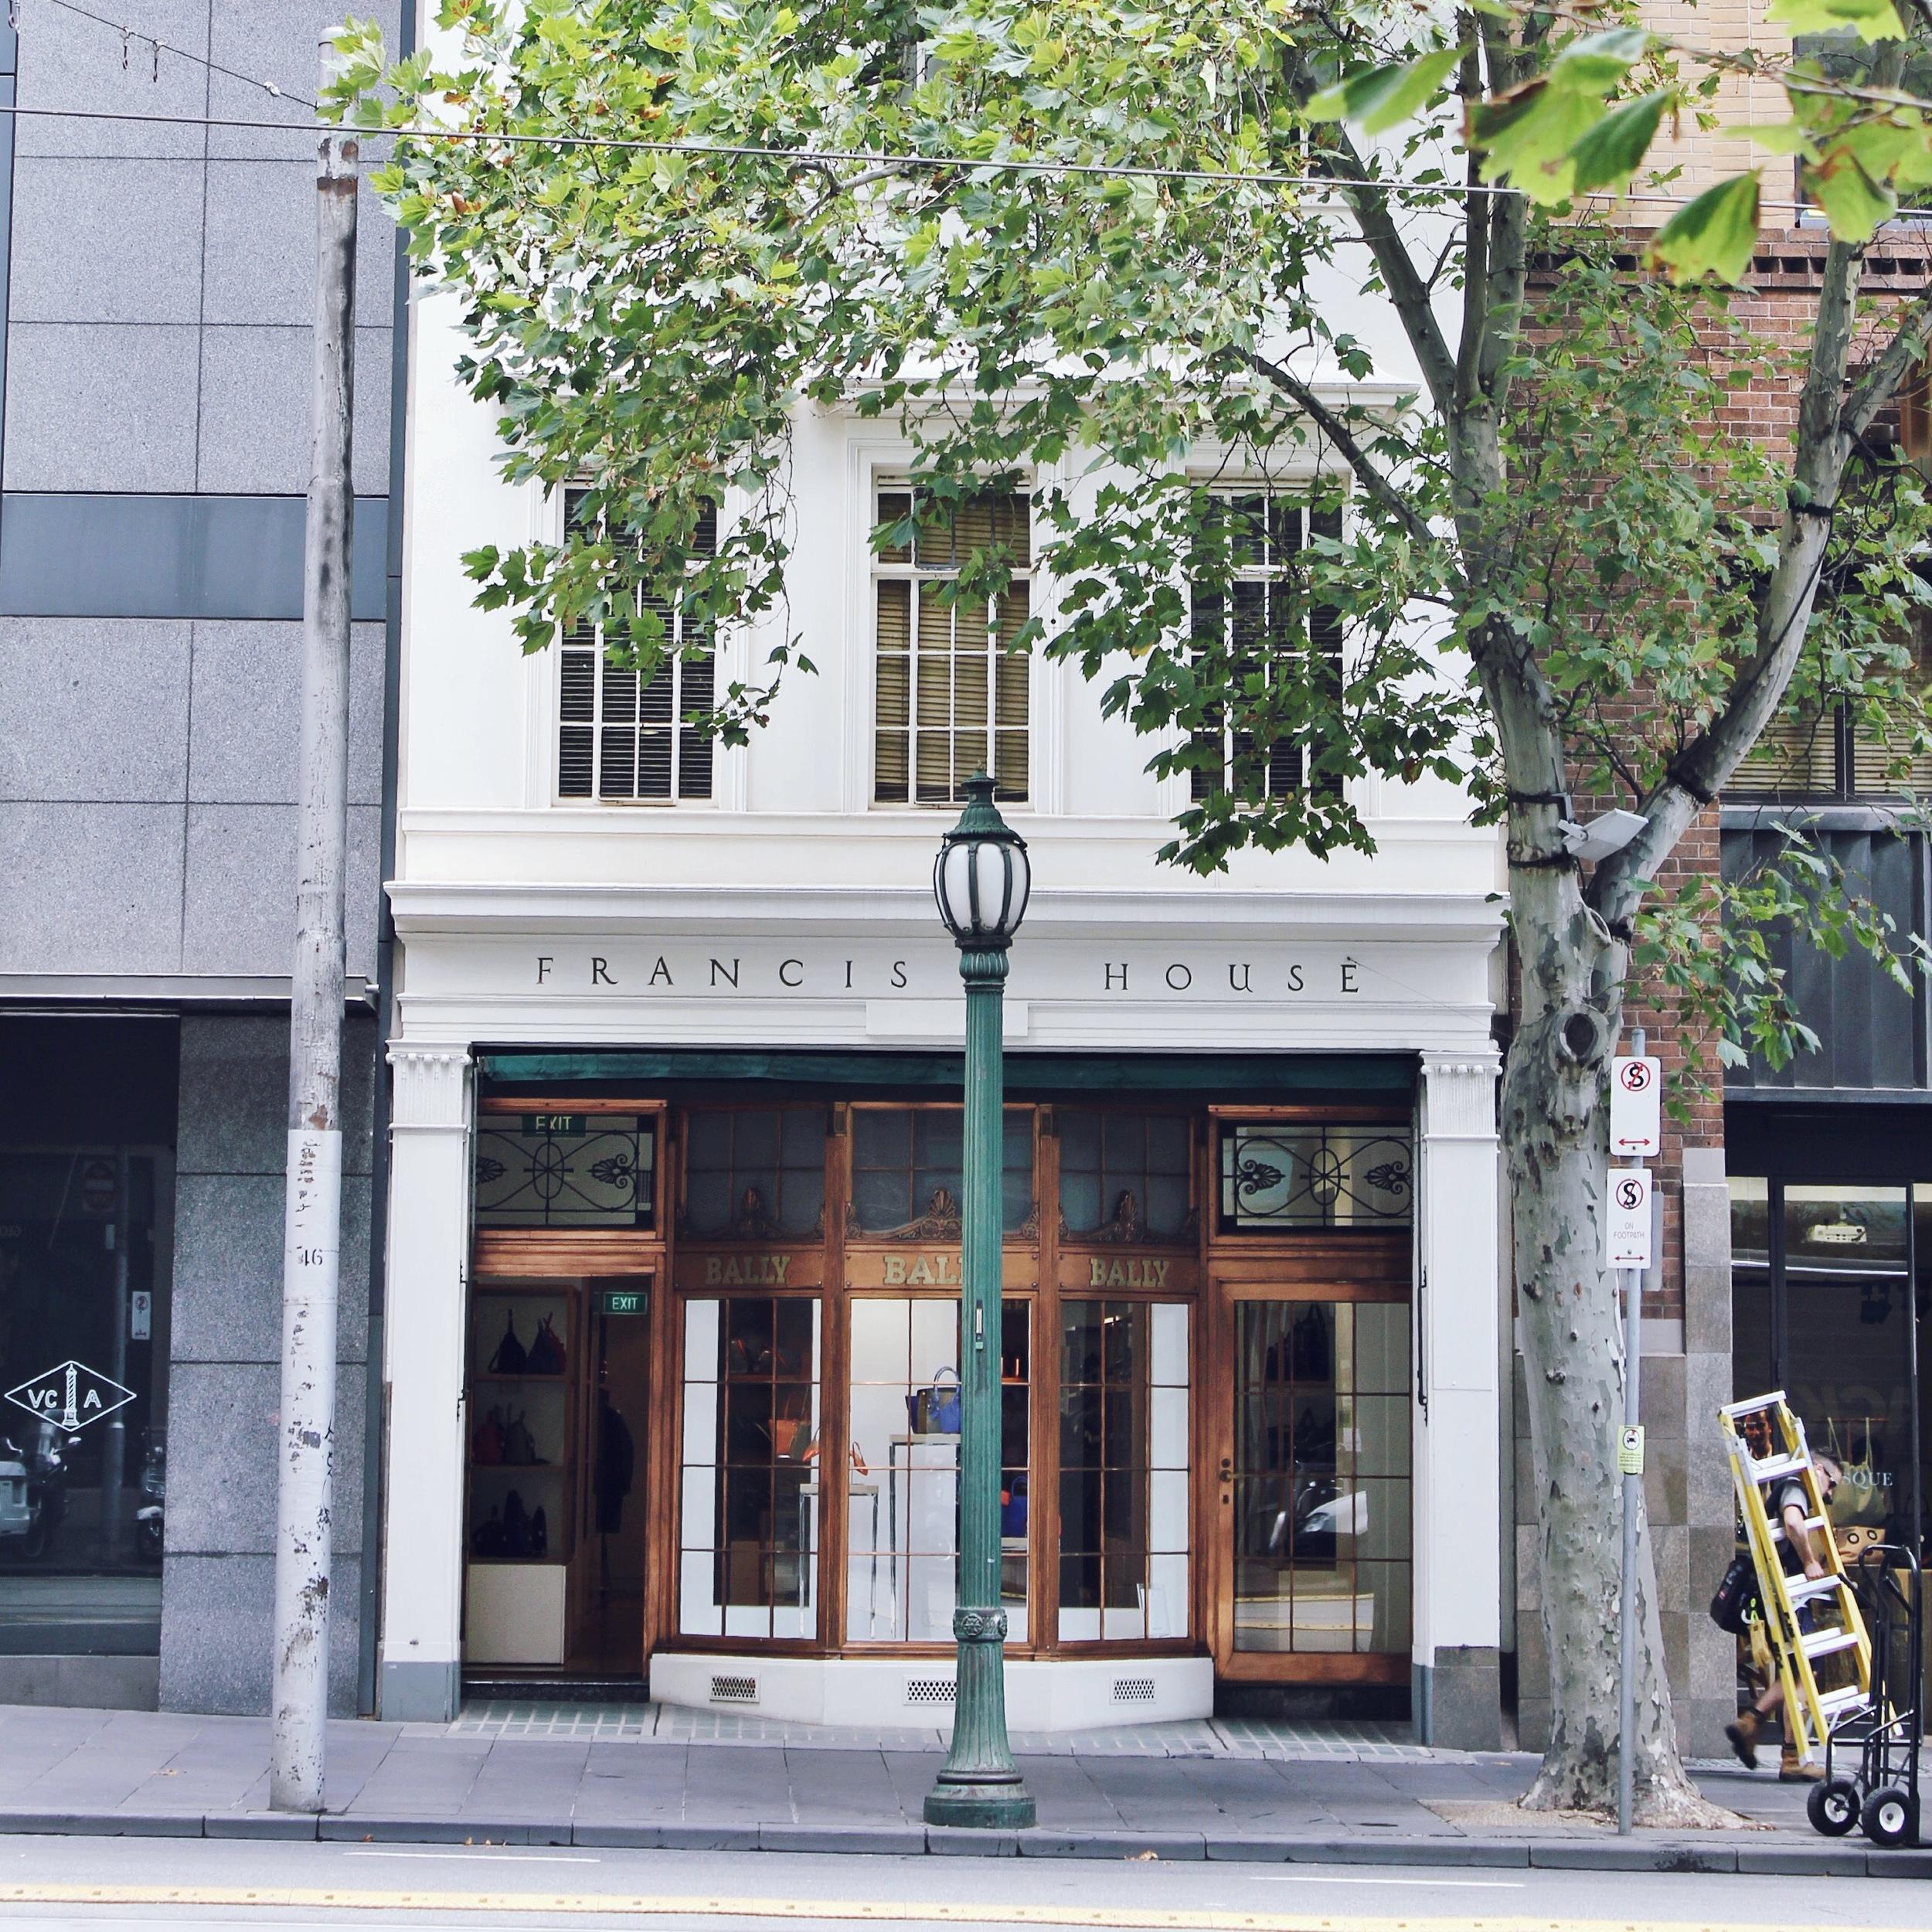 Bally store, Collins Street, CBD.